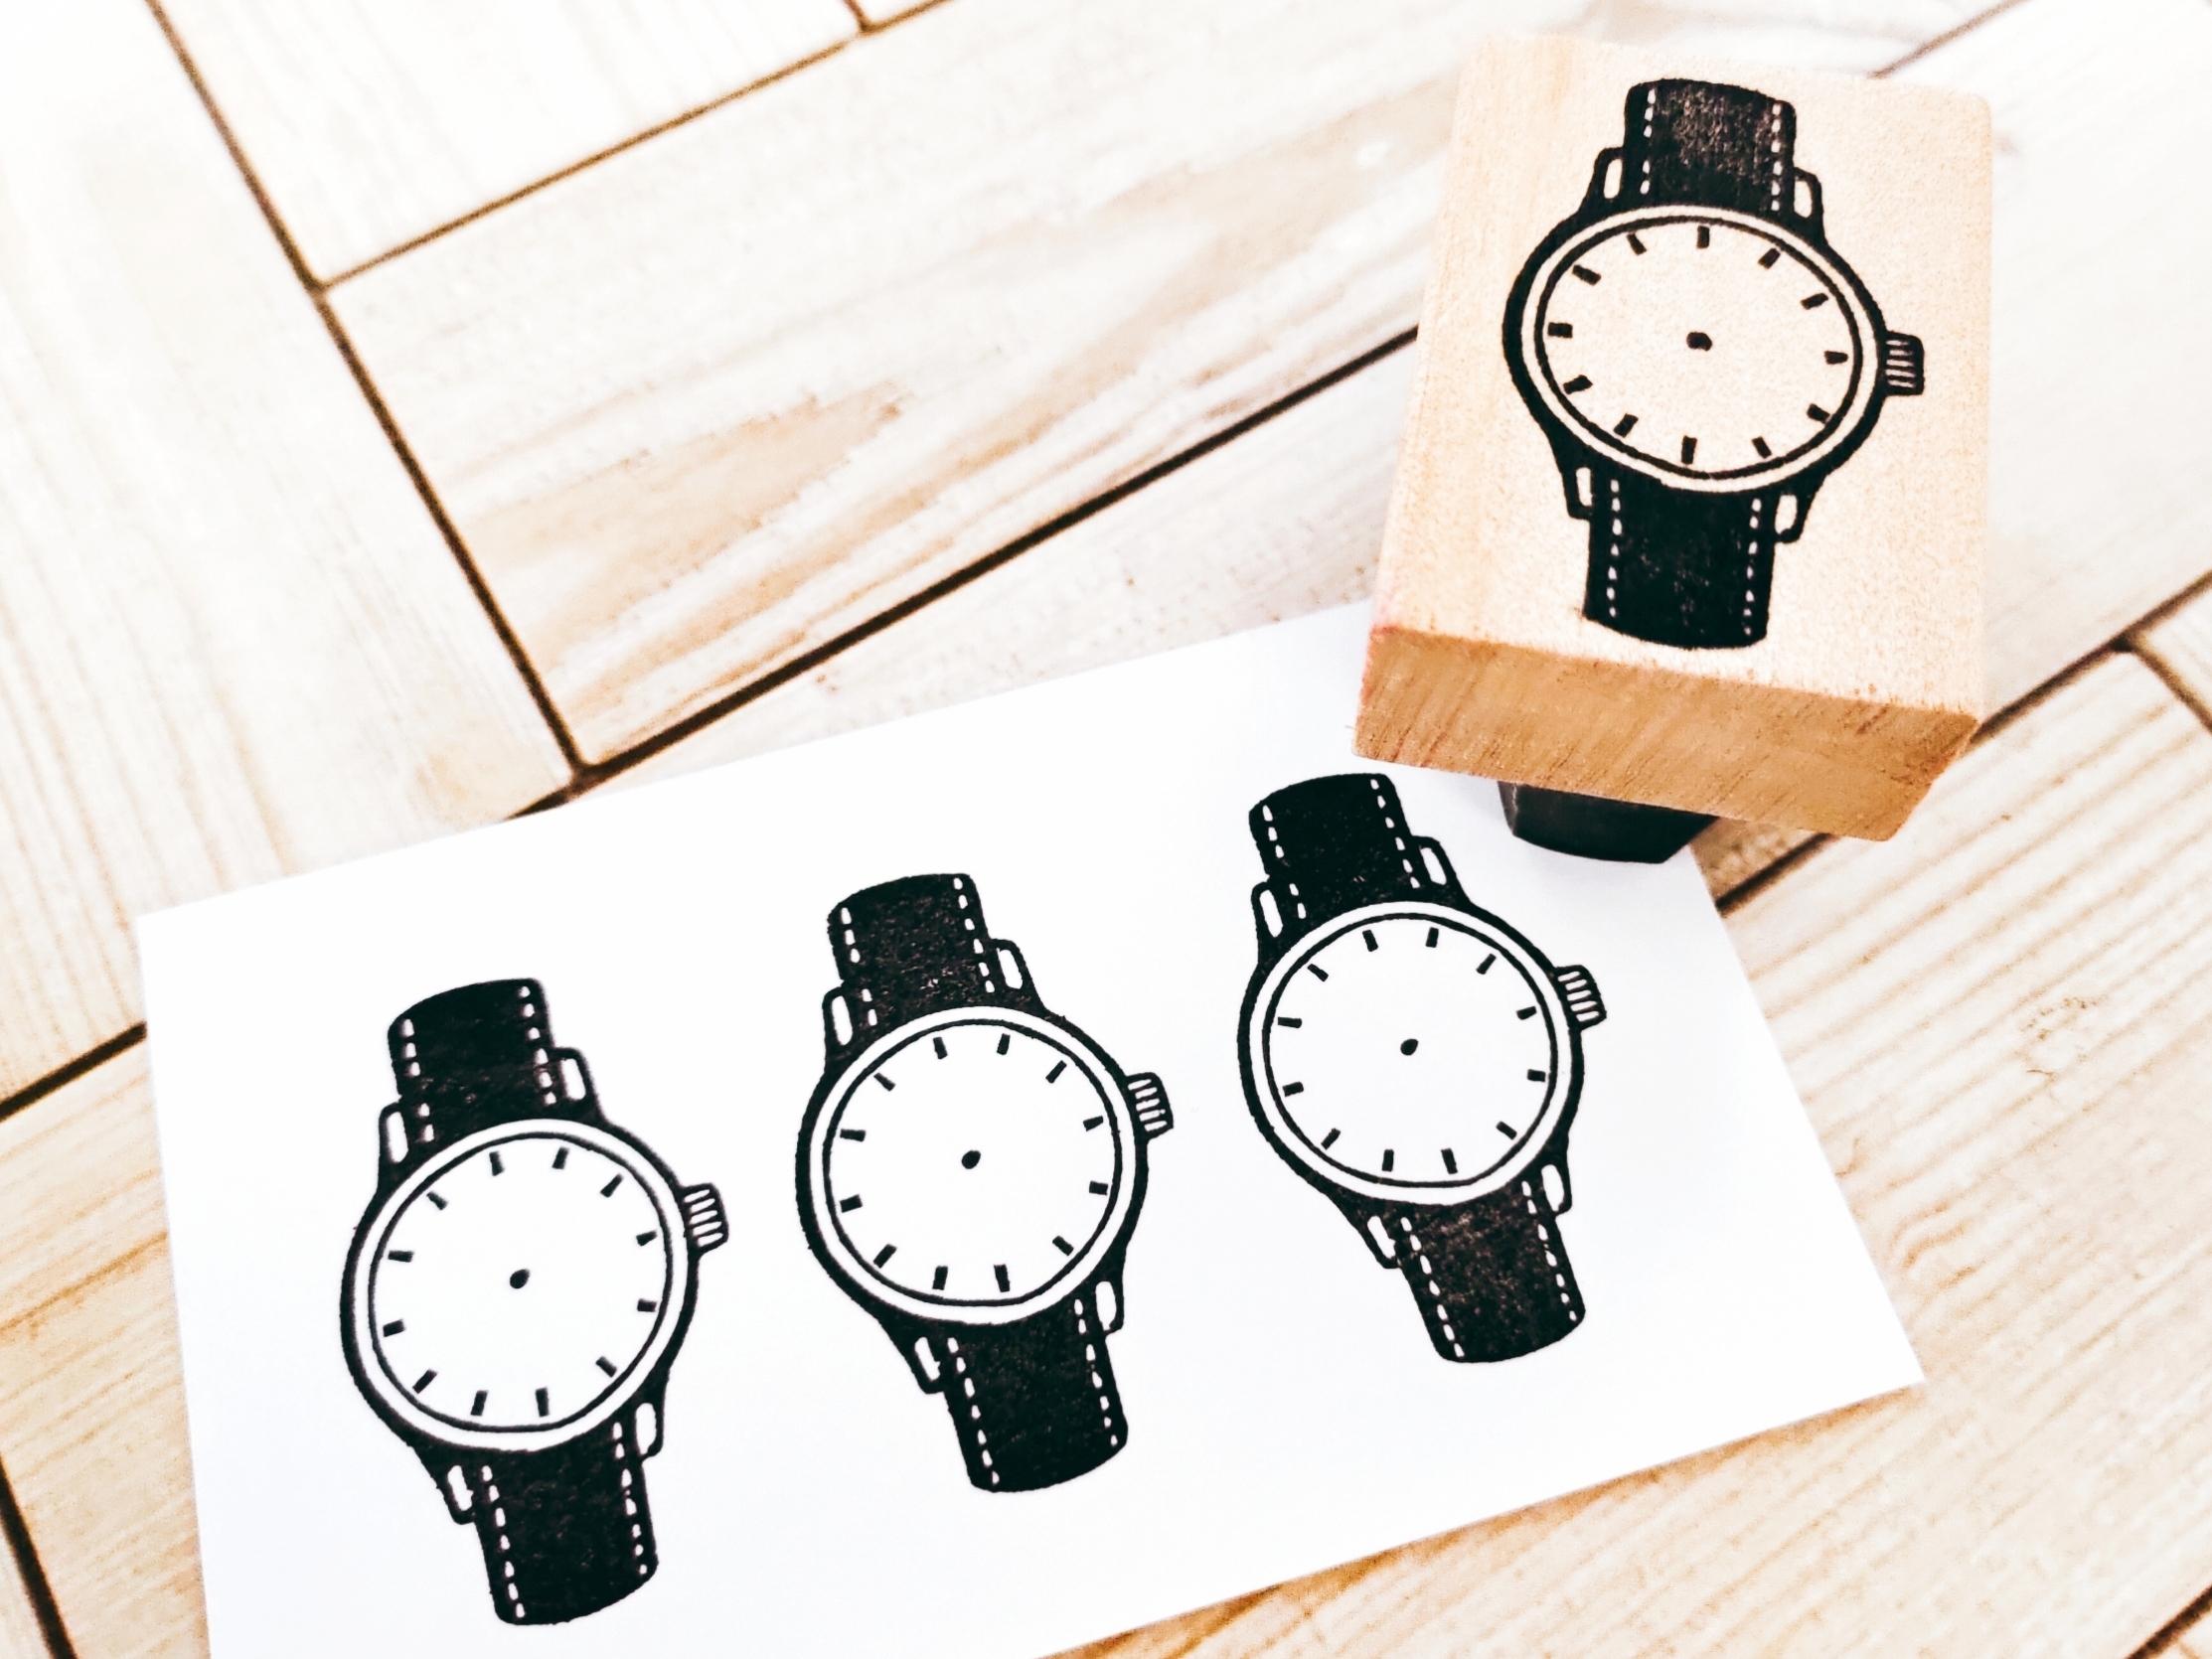 レトロな腕時計(針なし)